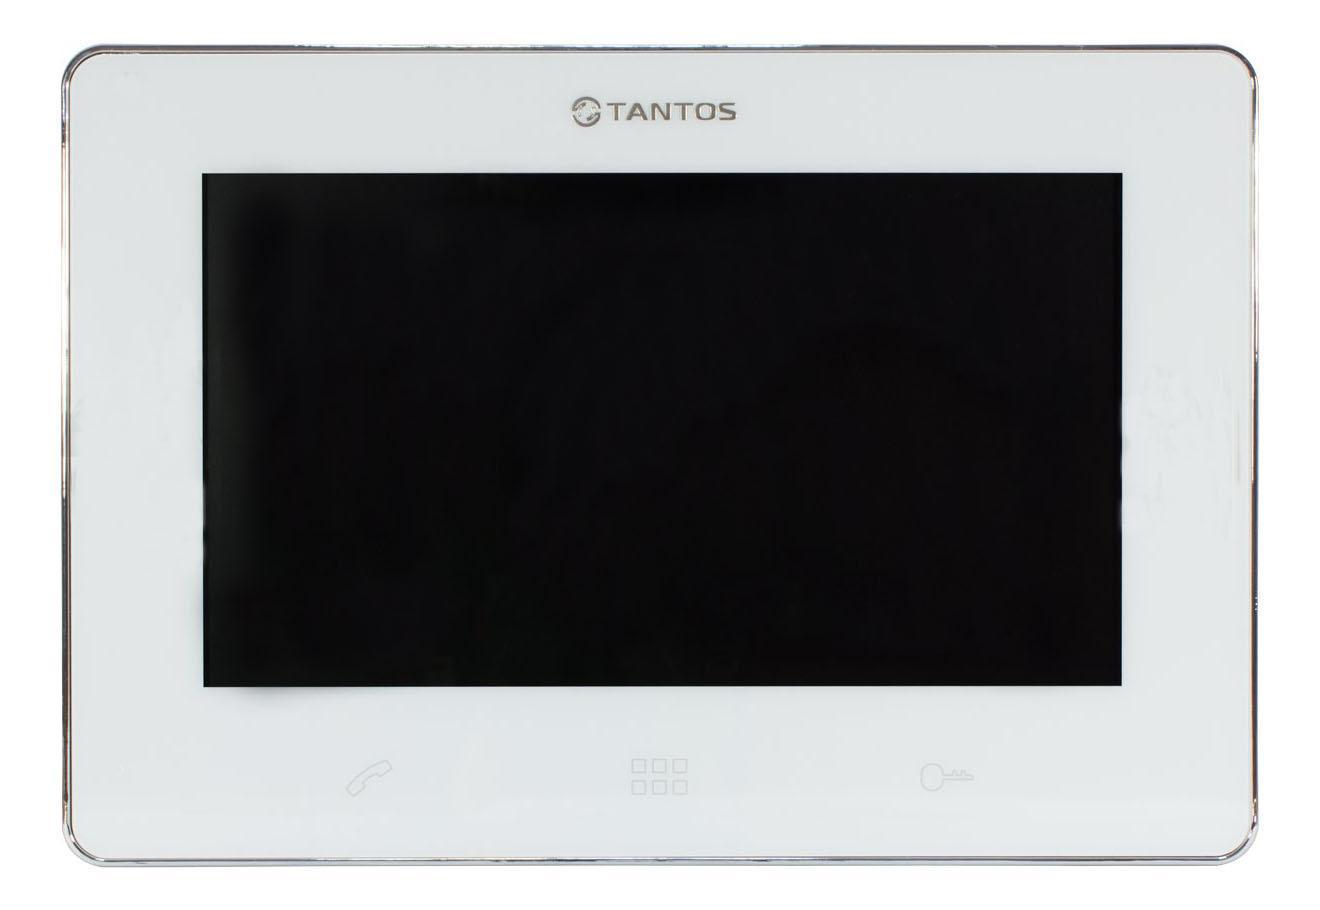 Tantos Stark, White видеодомофонStark (White)Дизайн монитора прост и изящен, его сенсорный экран 9 дюймов позволяет общаться с монитором, как со смартфоном. Значки меню выполнены подобно значкам меню современных смартфонов. Подключение 2-х вызывных панелей и 2-х видеокамерВозможность подключения до 4-м мониторов в одной системе сширокими возможностями адресного интеркома.Возможность открывания замка калитки и ворот при использованииодной вызывной панели при подключении реле TS-NC05.Возможность работы как в индивидуальном, так и в многоквартирном режиме.Совместимость с большинством моделей отечественных вызывныхпанелей.Голосовая почта, фоторамка, встроенный видеорегистратор (детектор движения на 1 канал).Возможность установки мелодии в формате MP3 в качестве сигналавызова.